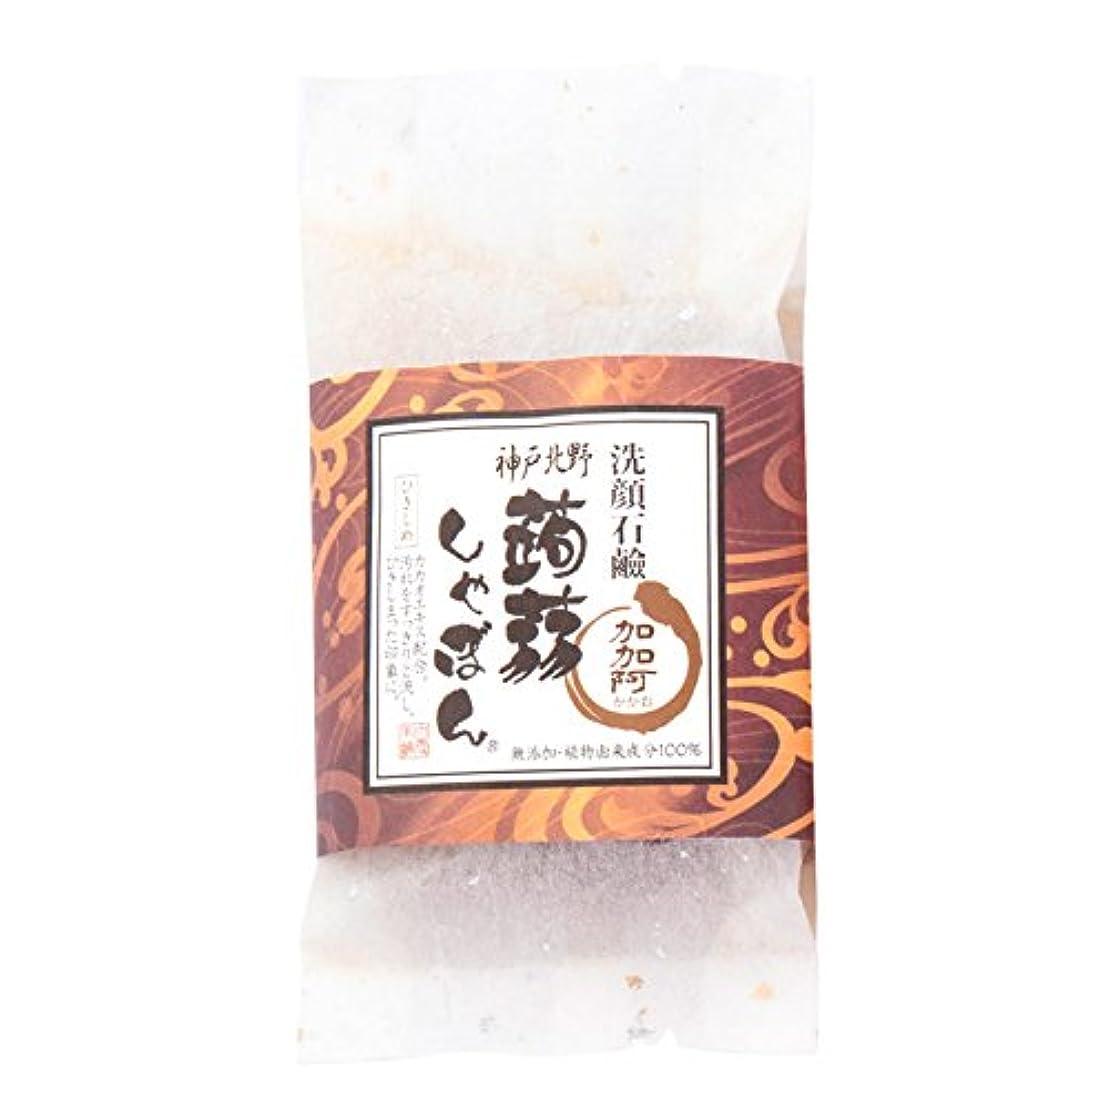 遮るメンタル形状神戸蒟蒻しゃぼん神戸 加加阿(かかお)